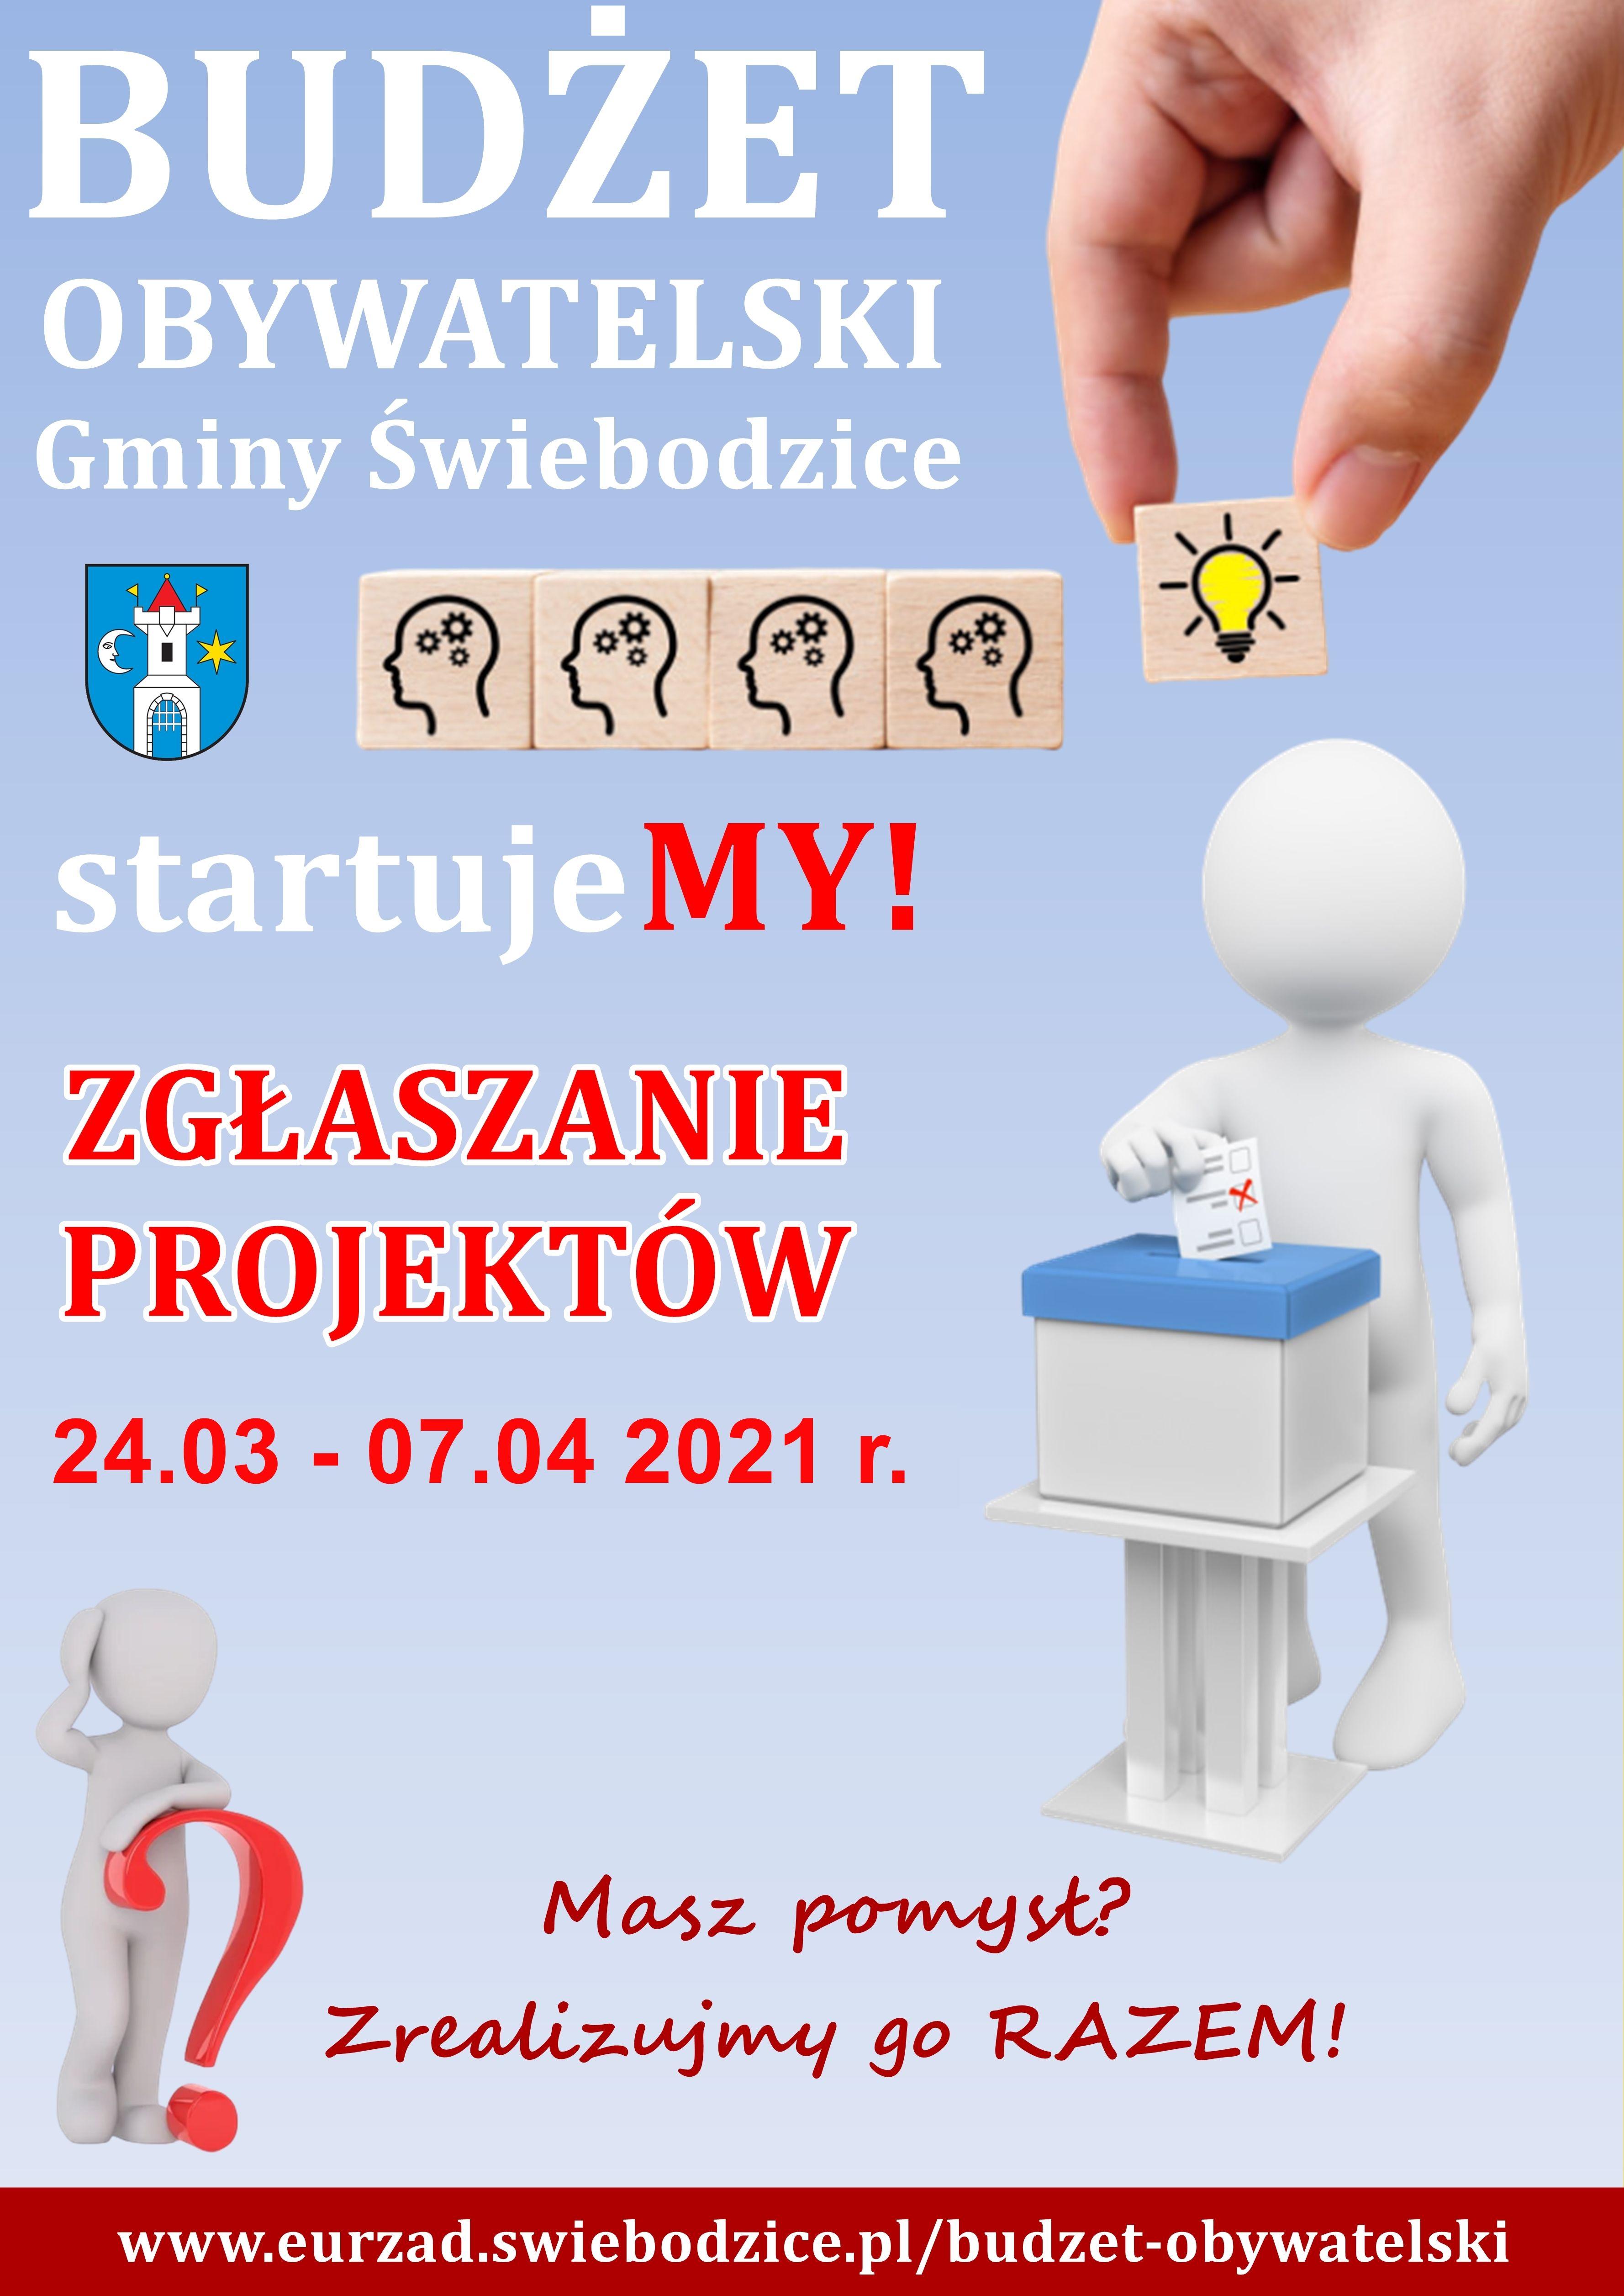 Niebieski plakat o tresci Budzet obywatelski Gminy Swiebodzice